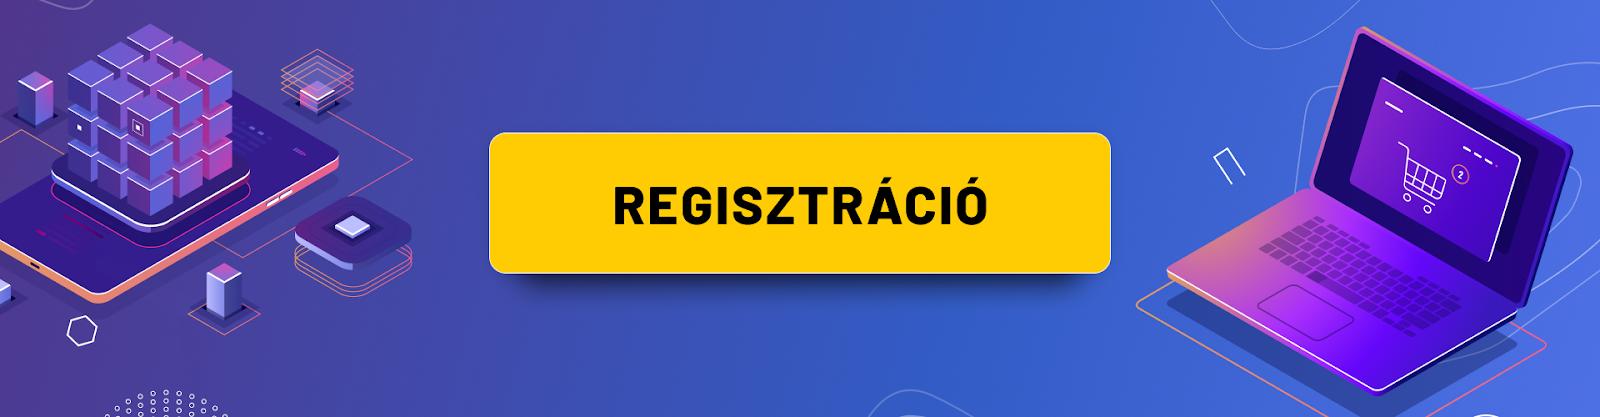 E-commerce webinár regisztráció: Valósítsd meg az IT-fejlesztéseidet kiszámíthatóan